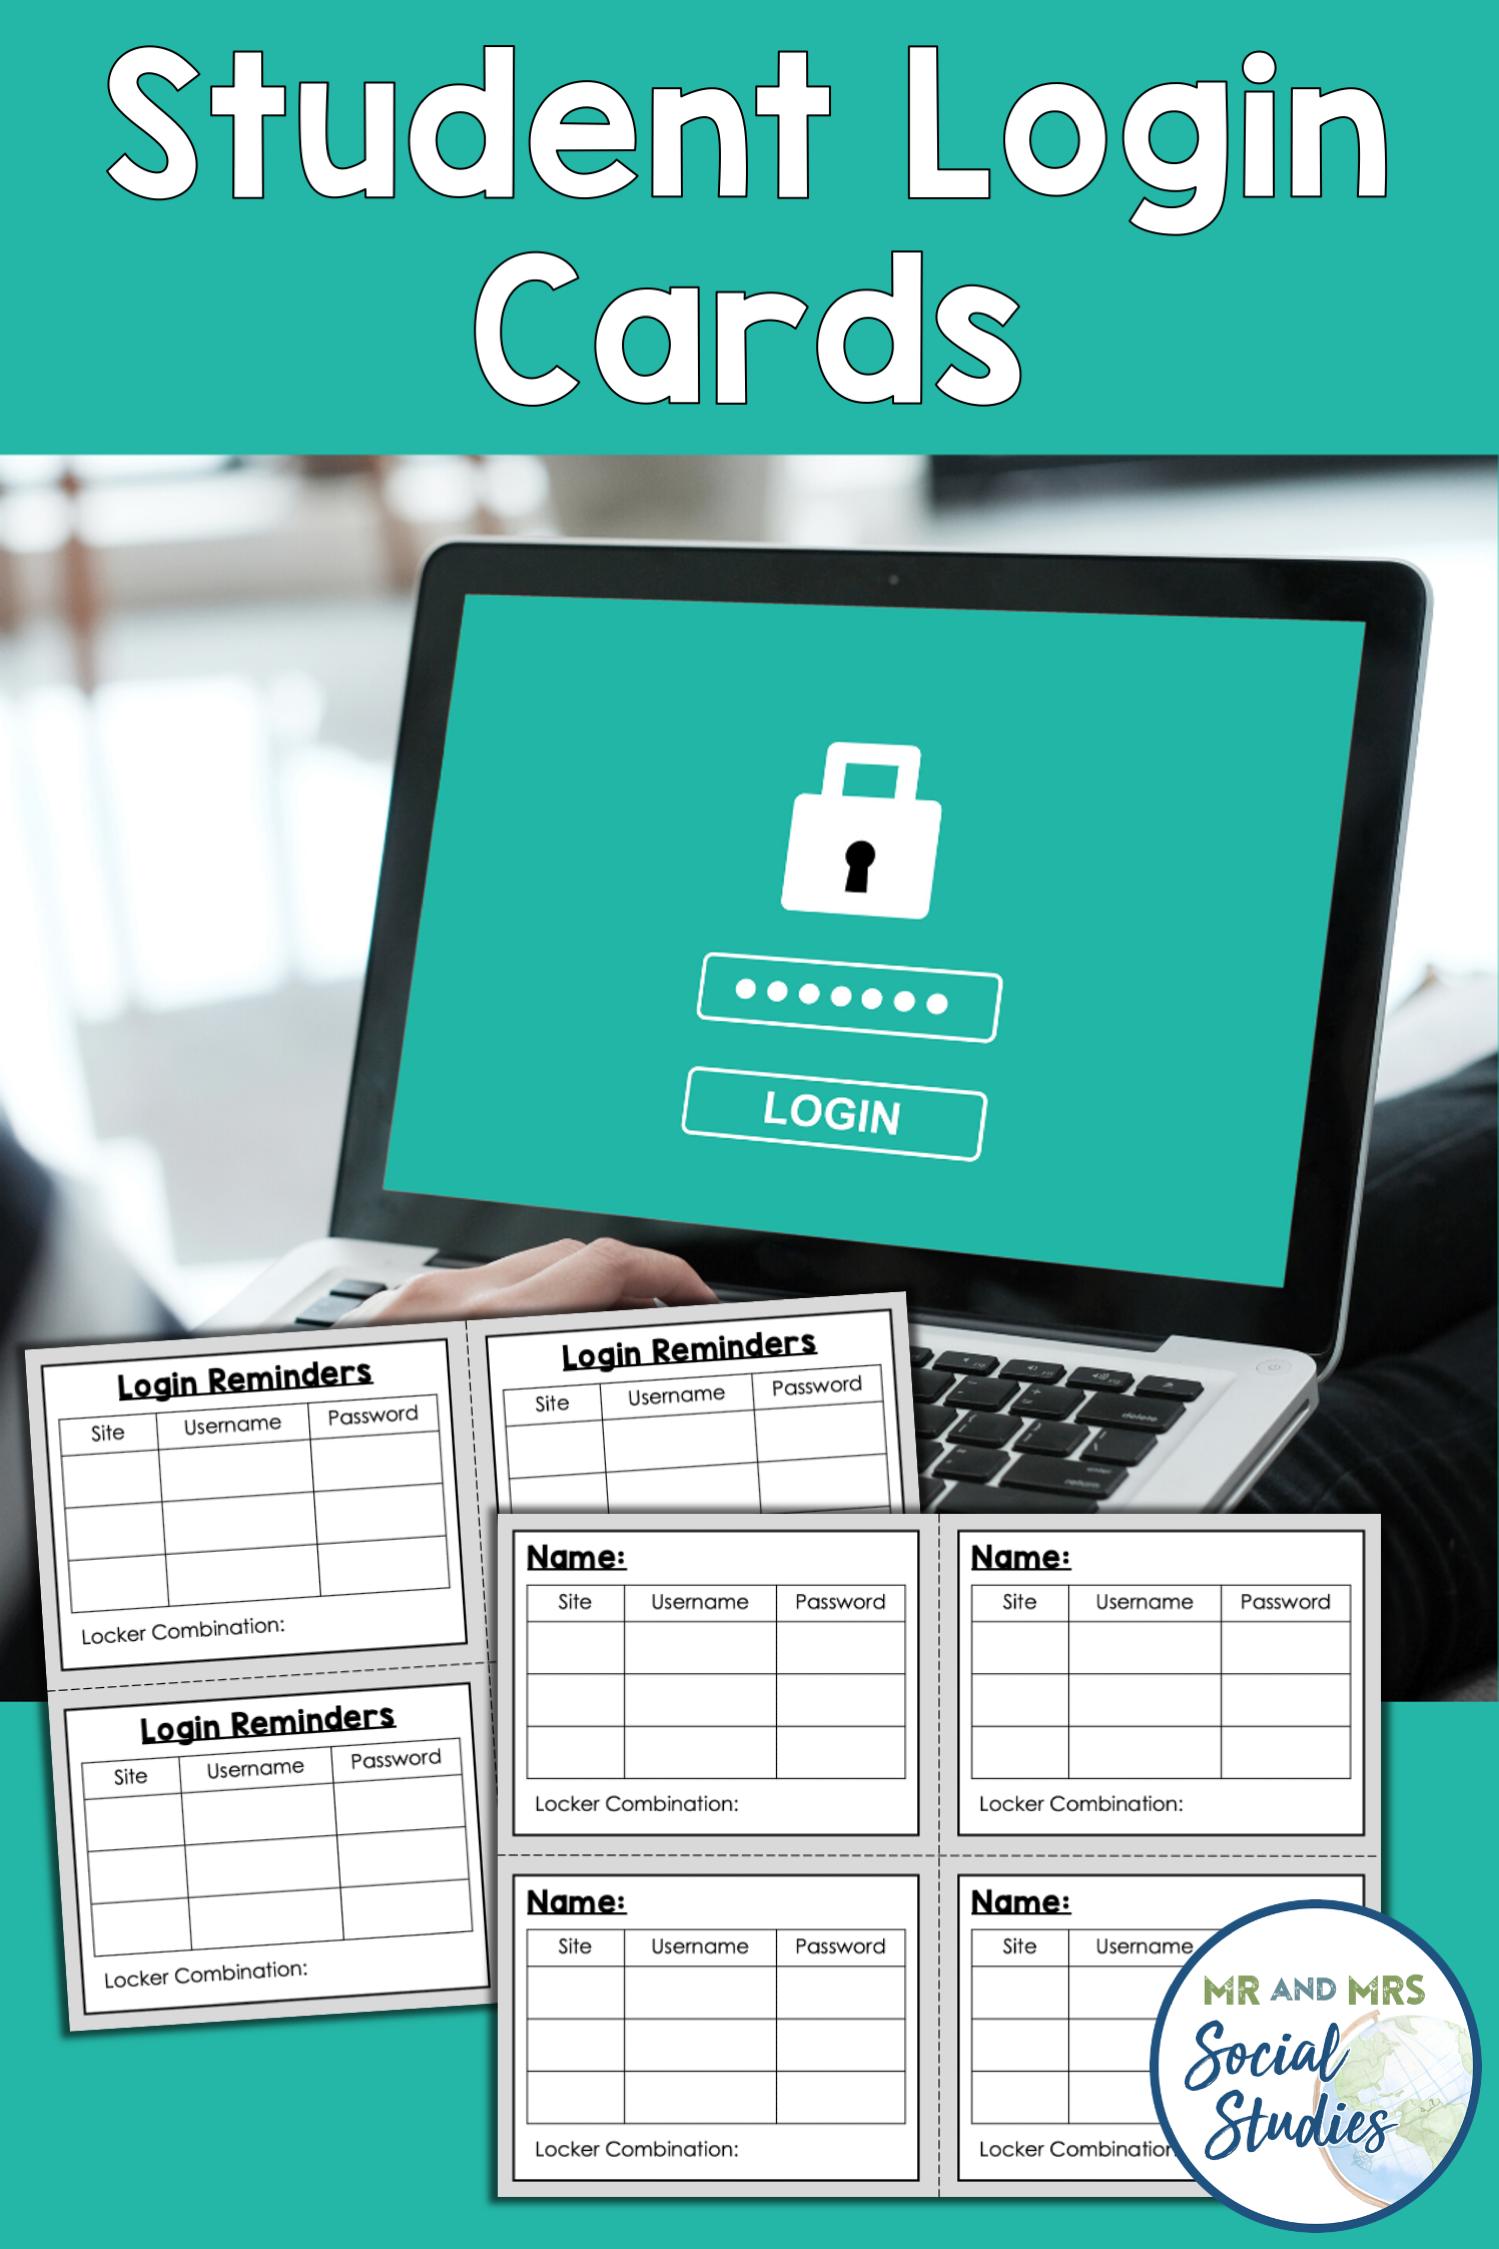 Student Login Cards + Student Login Information Sheets